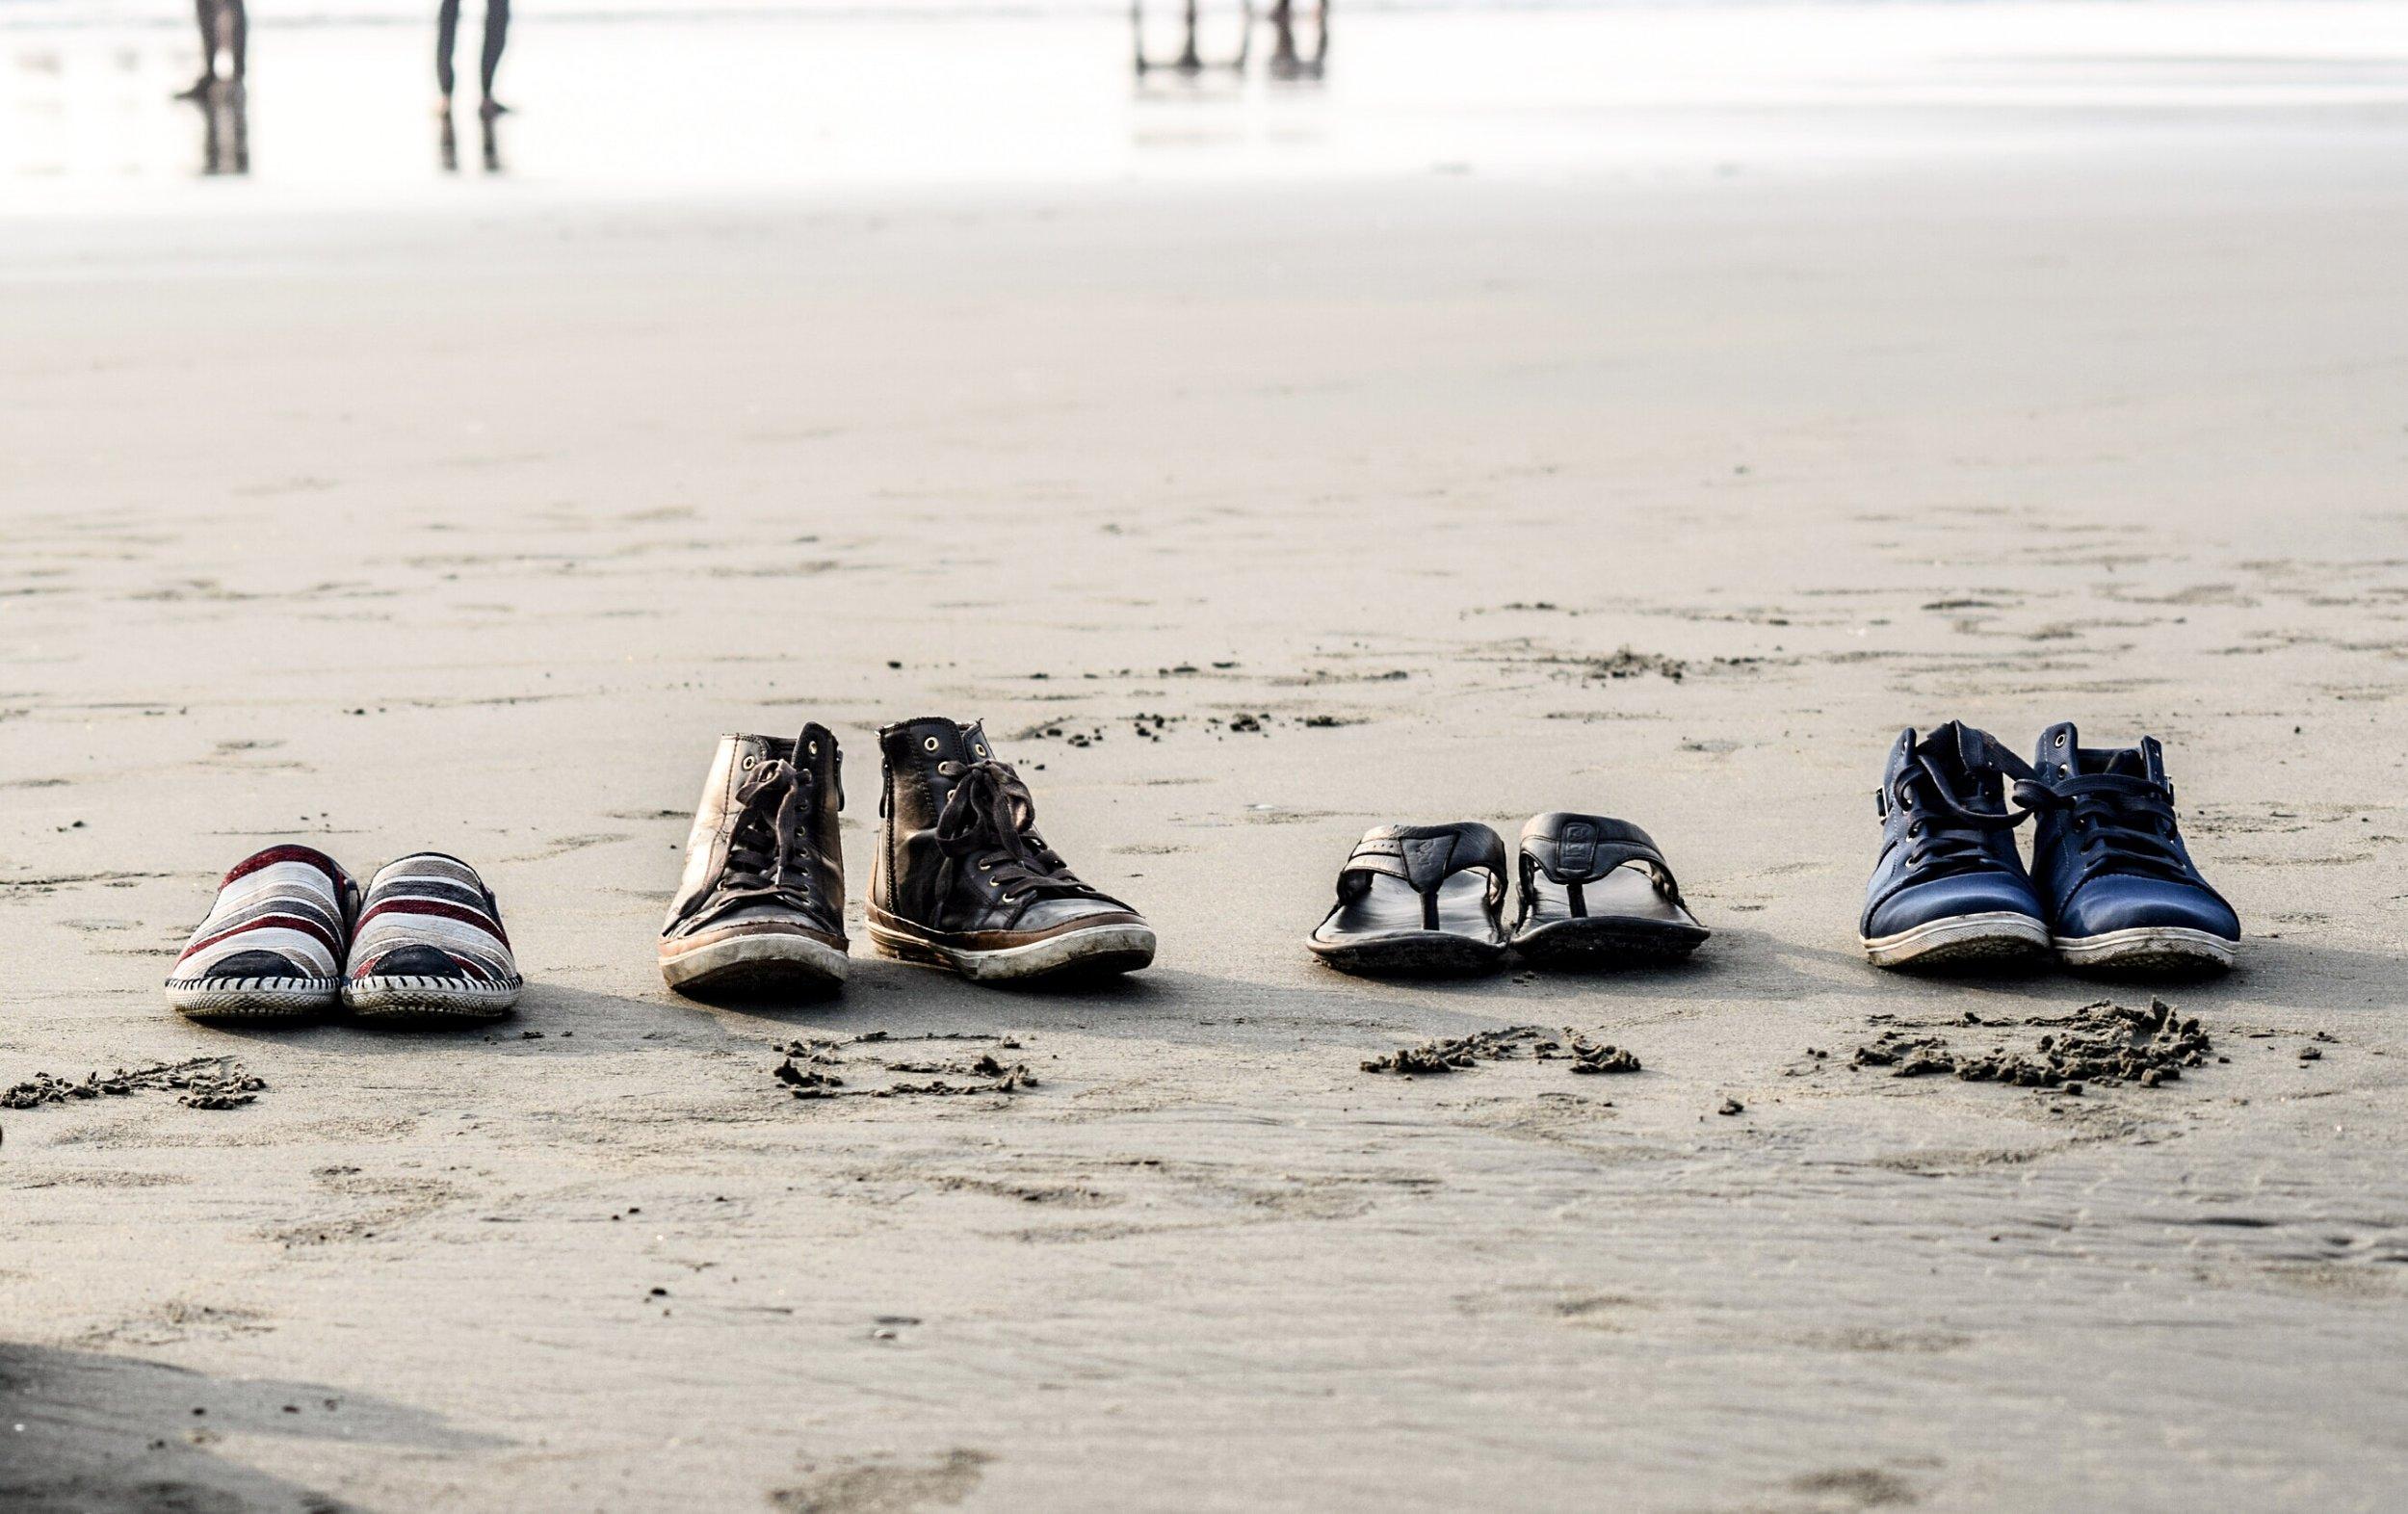 beach-daylight-footwear-776219.jpg